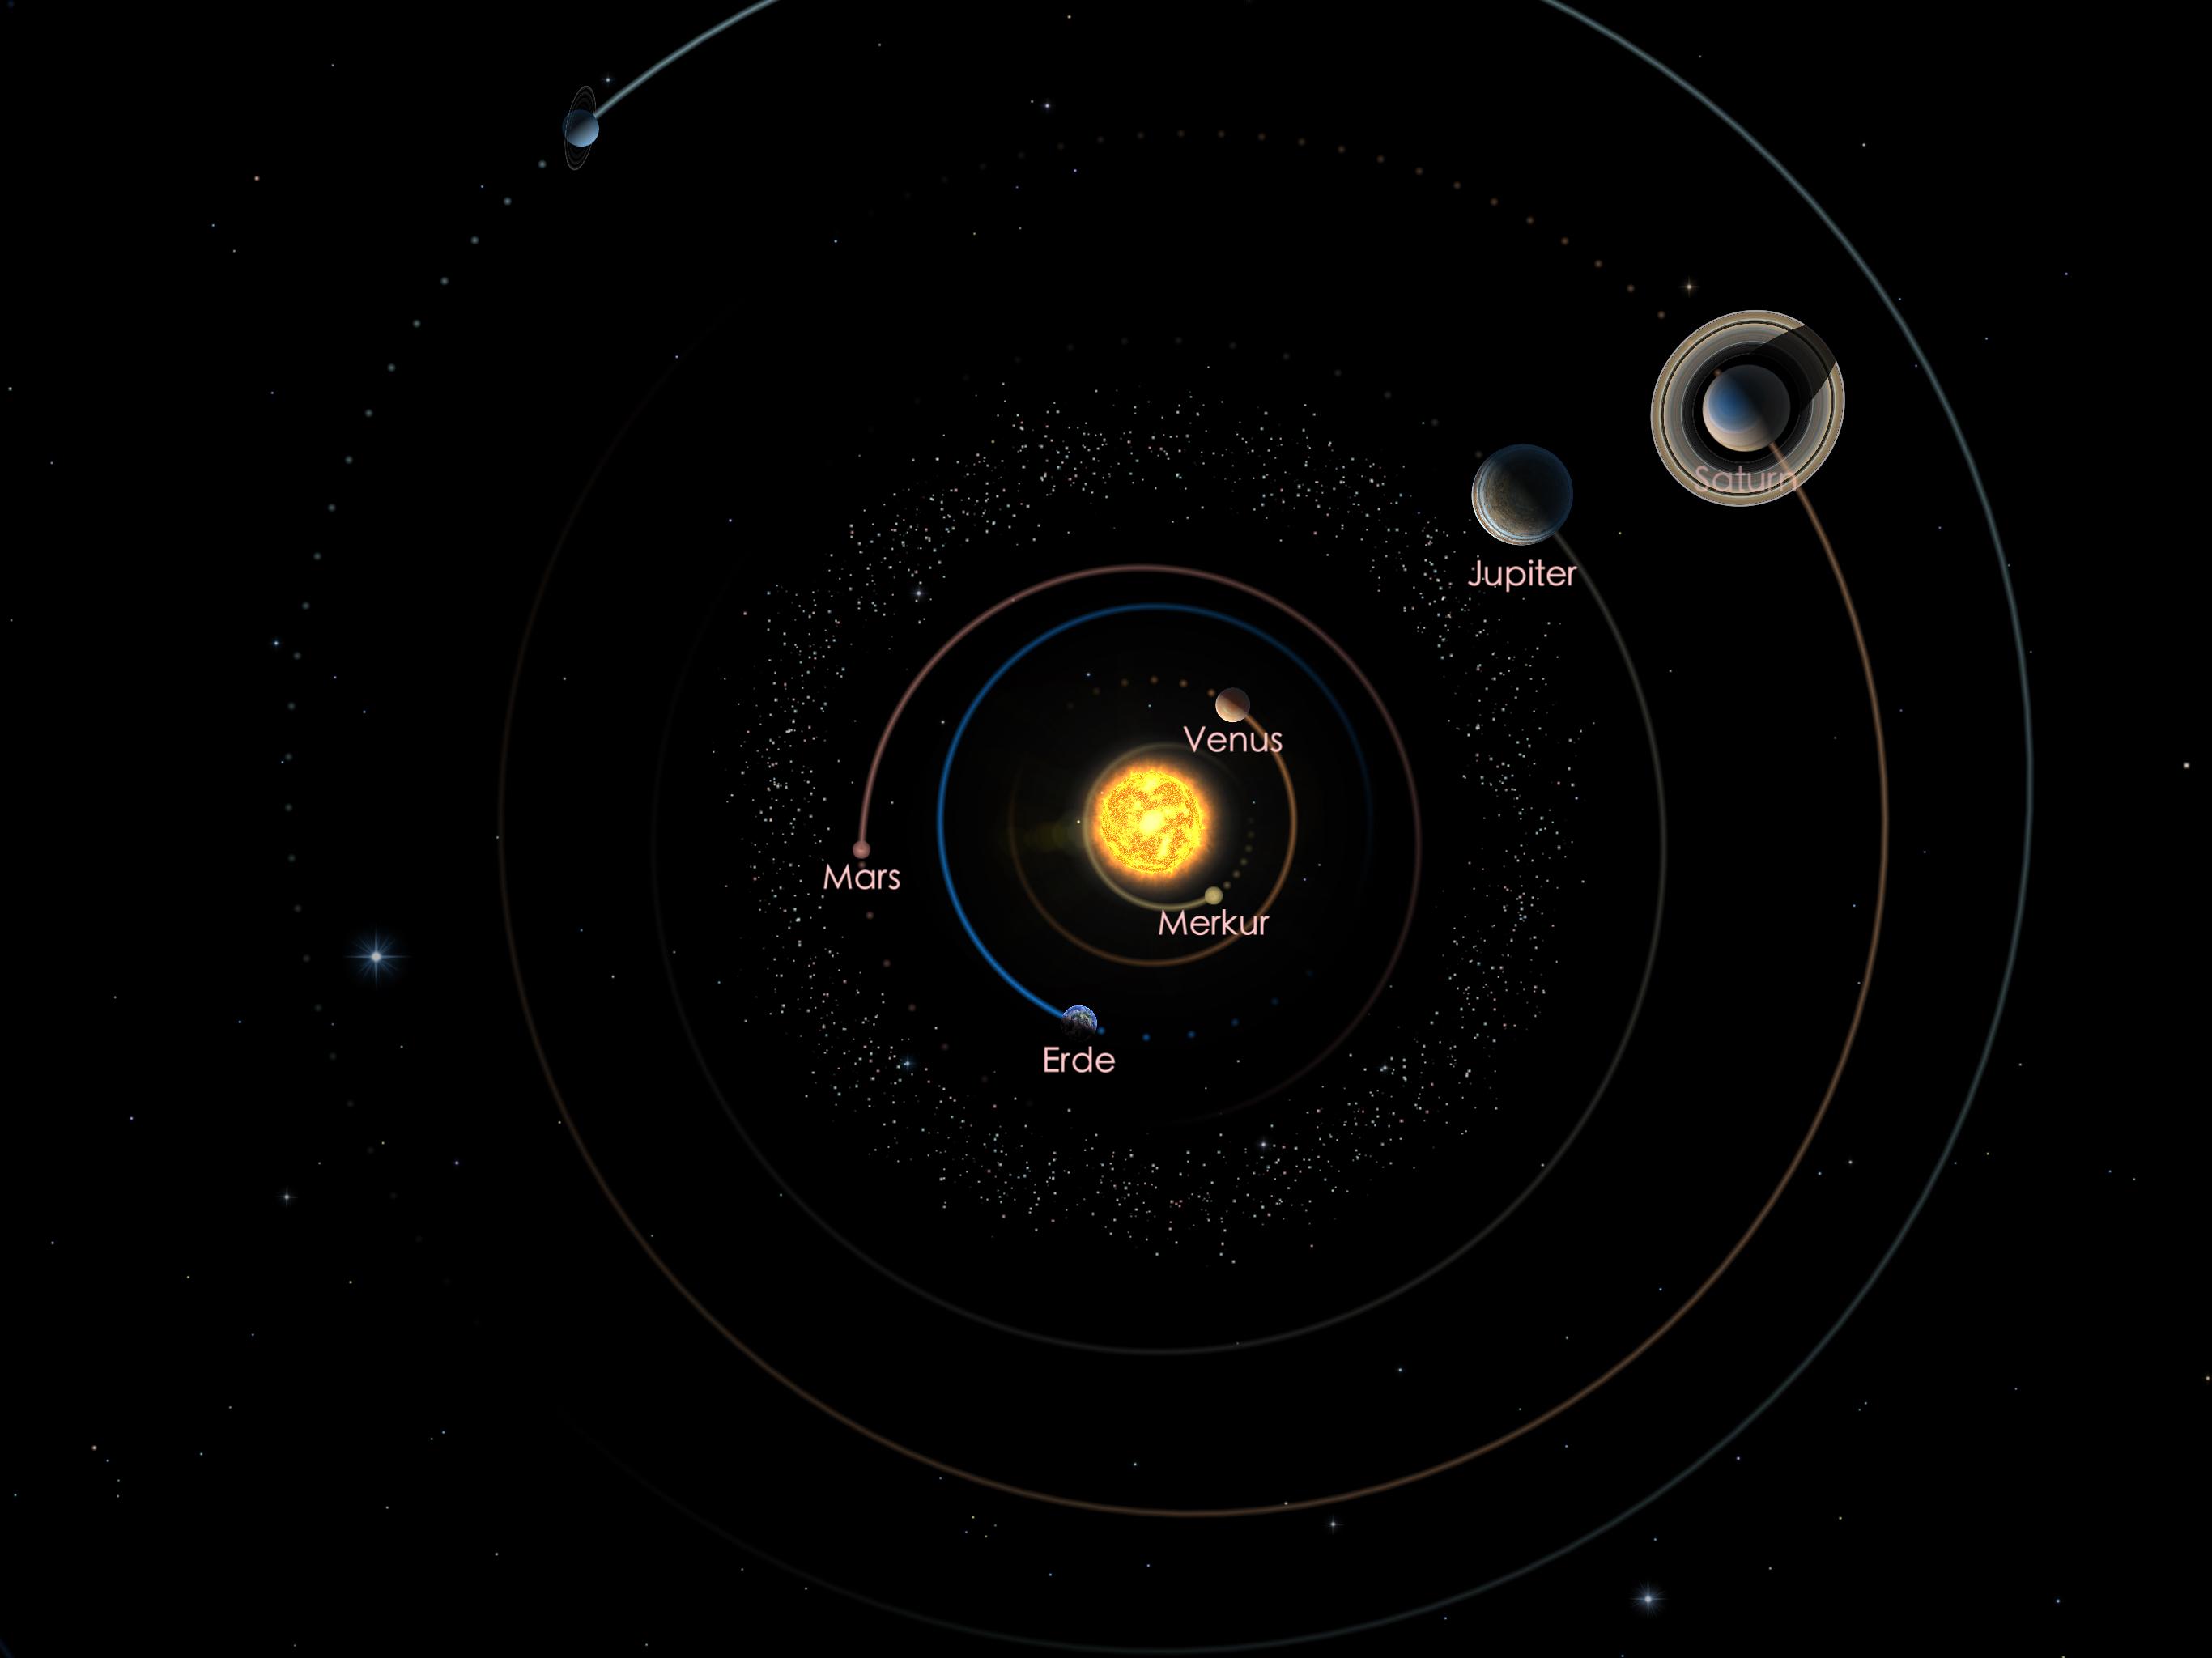 Die Positionen von Jupiter und Saturn am 01.03.21